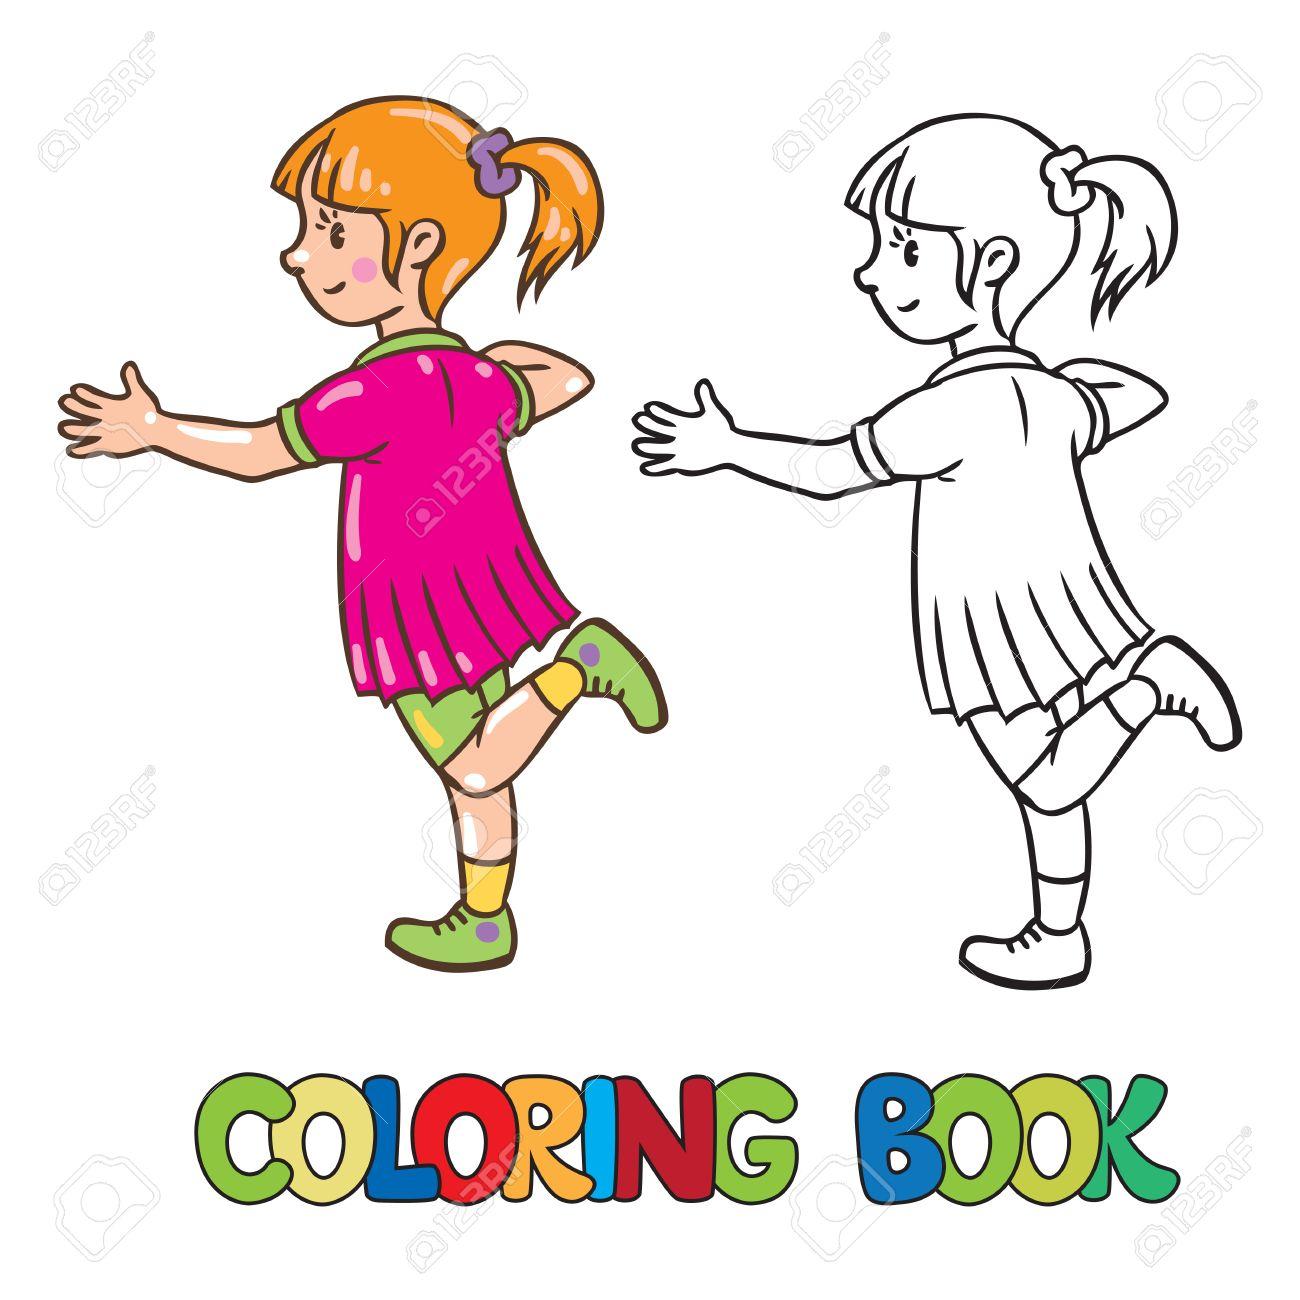 Libro Para Colorear O Un Color De Imagen De La Pequeña Niña Saltando